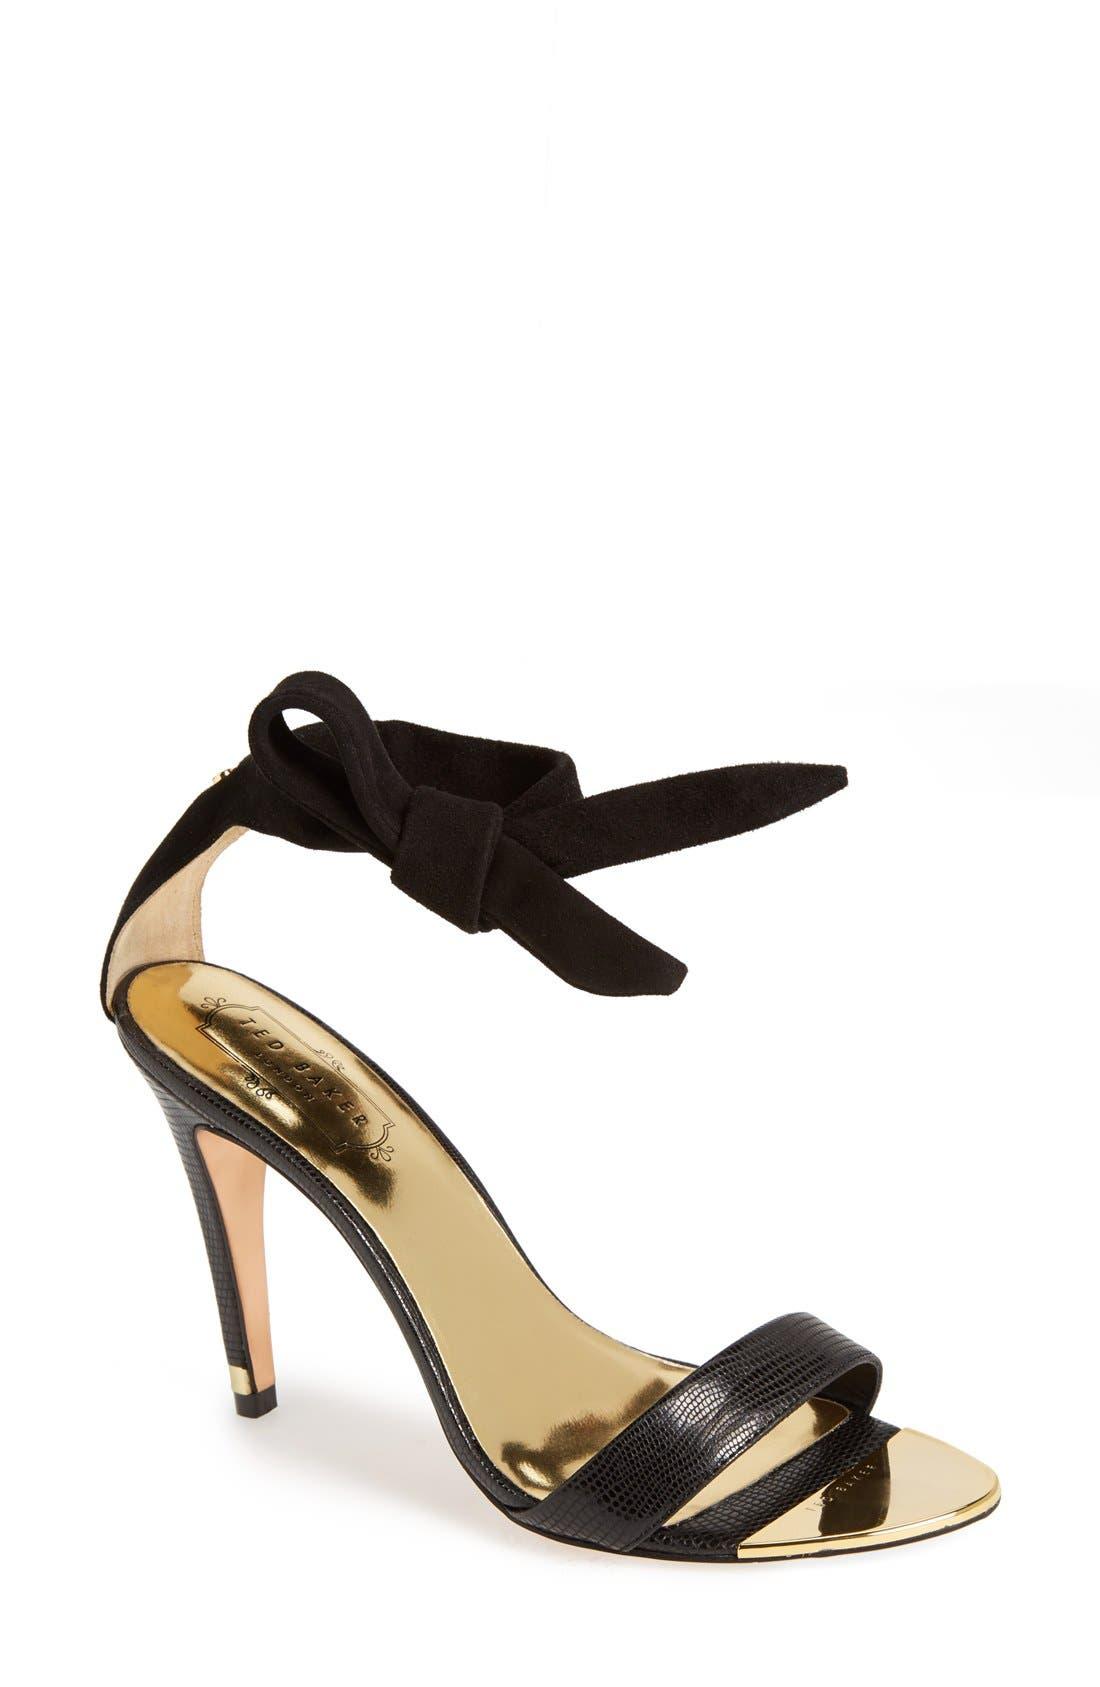 Alternate Image 1 Selected - Ted Baker London 'Sackina' Sandal (Women)